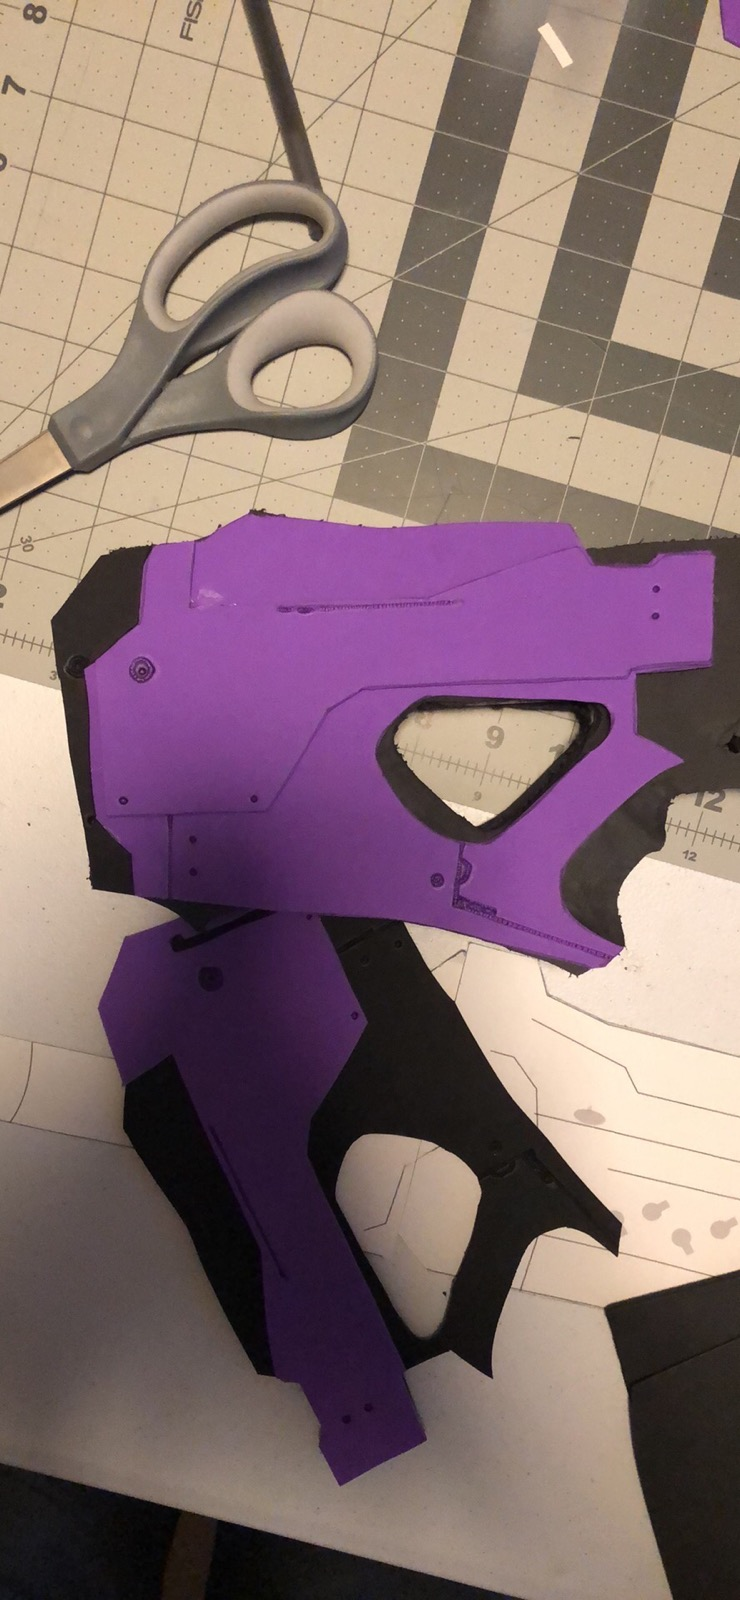 sniperprogress3.jpg